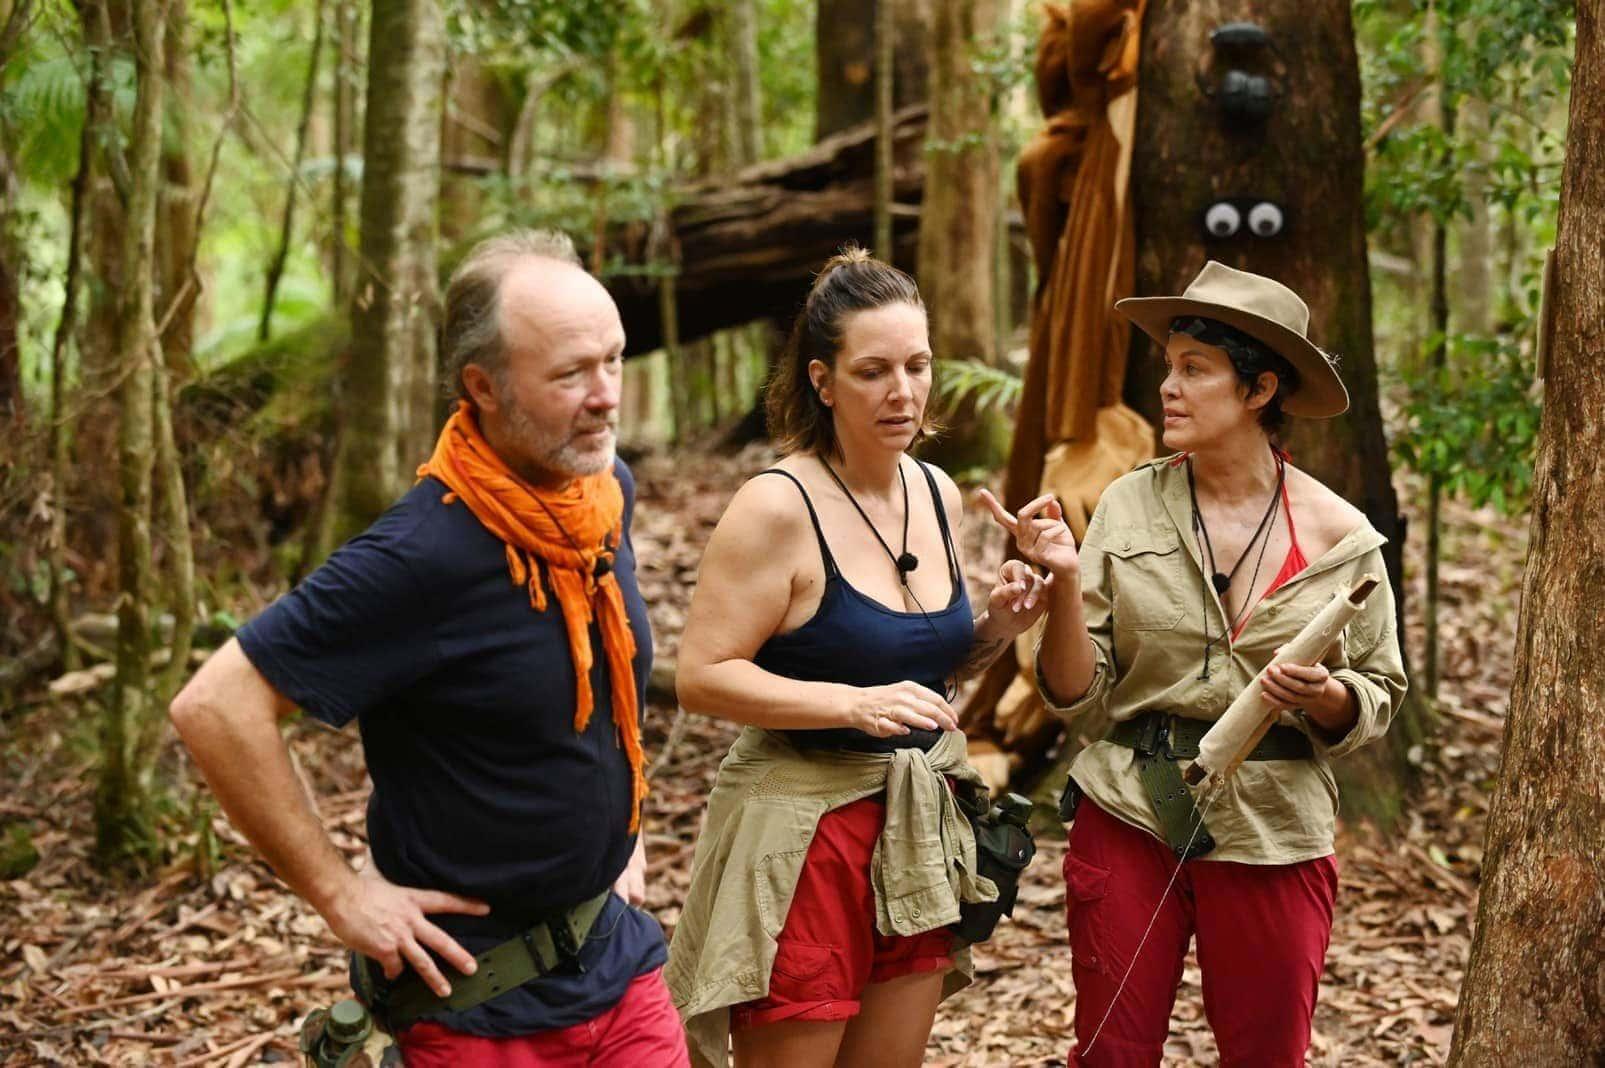 Dschungelcamp 2020 Tag 11 Schatzsuche Danni Büchner Sonja Kirchberger Markus Reinecke